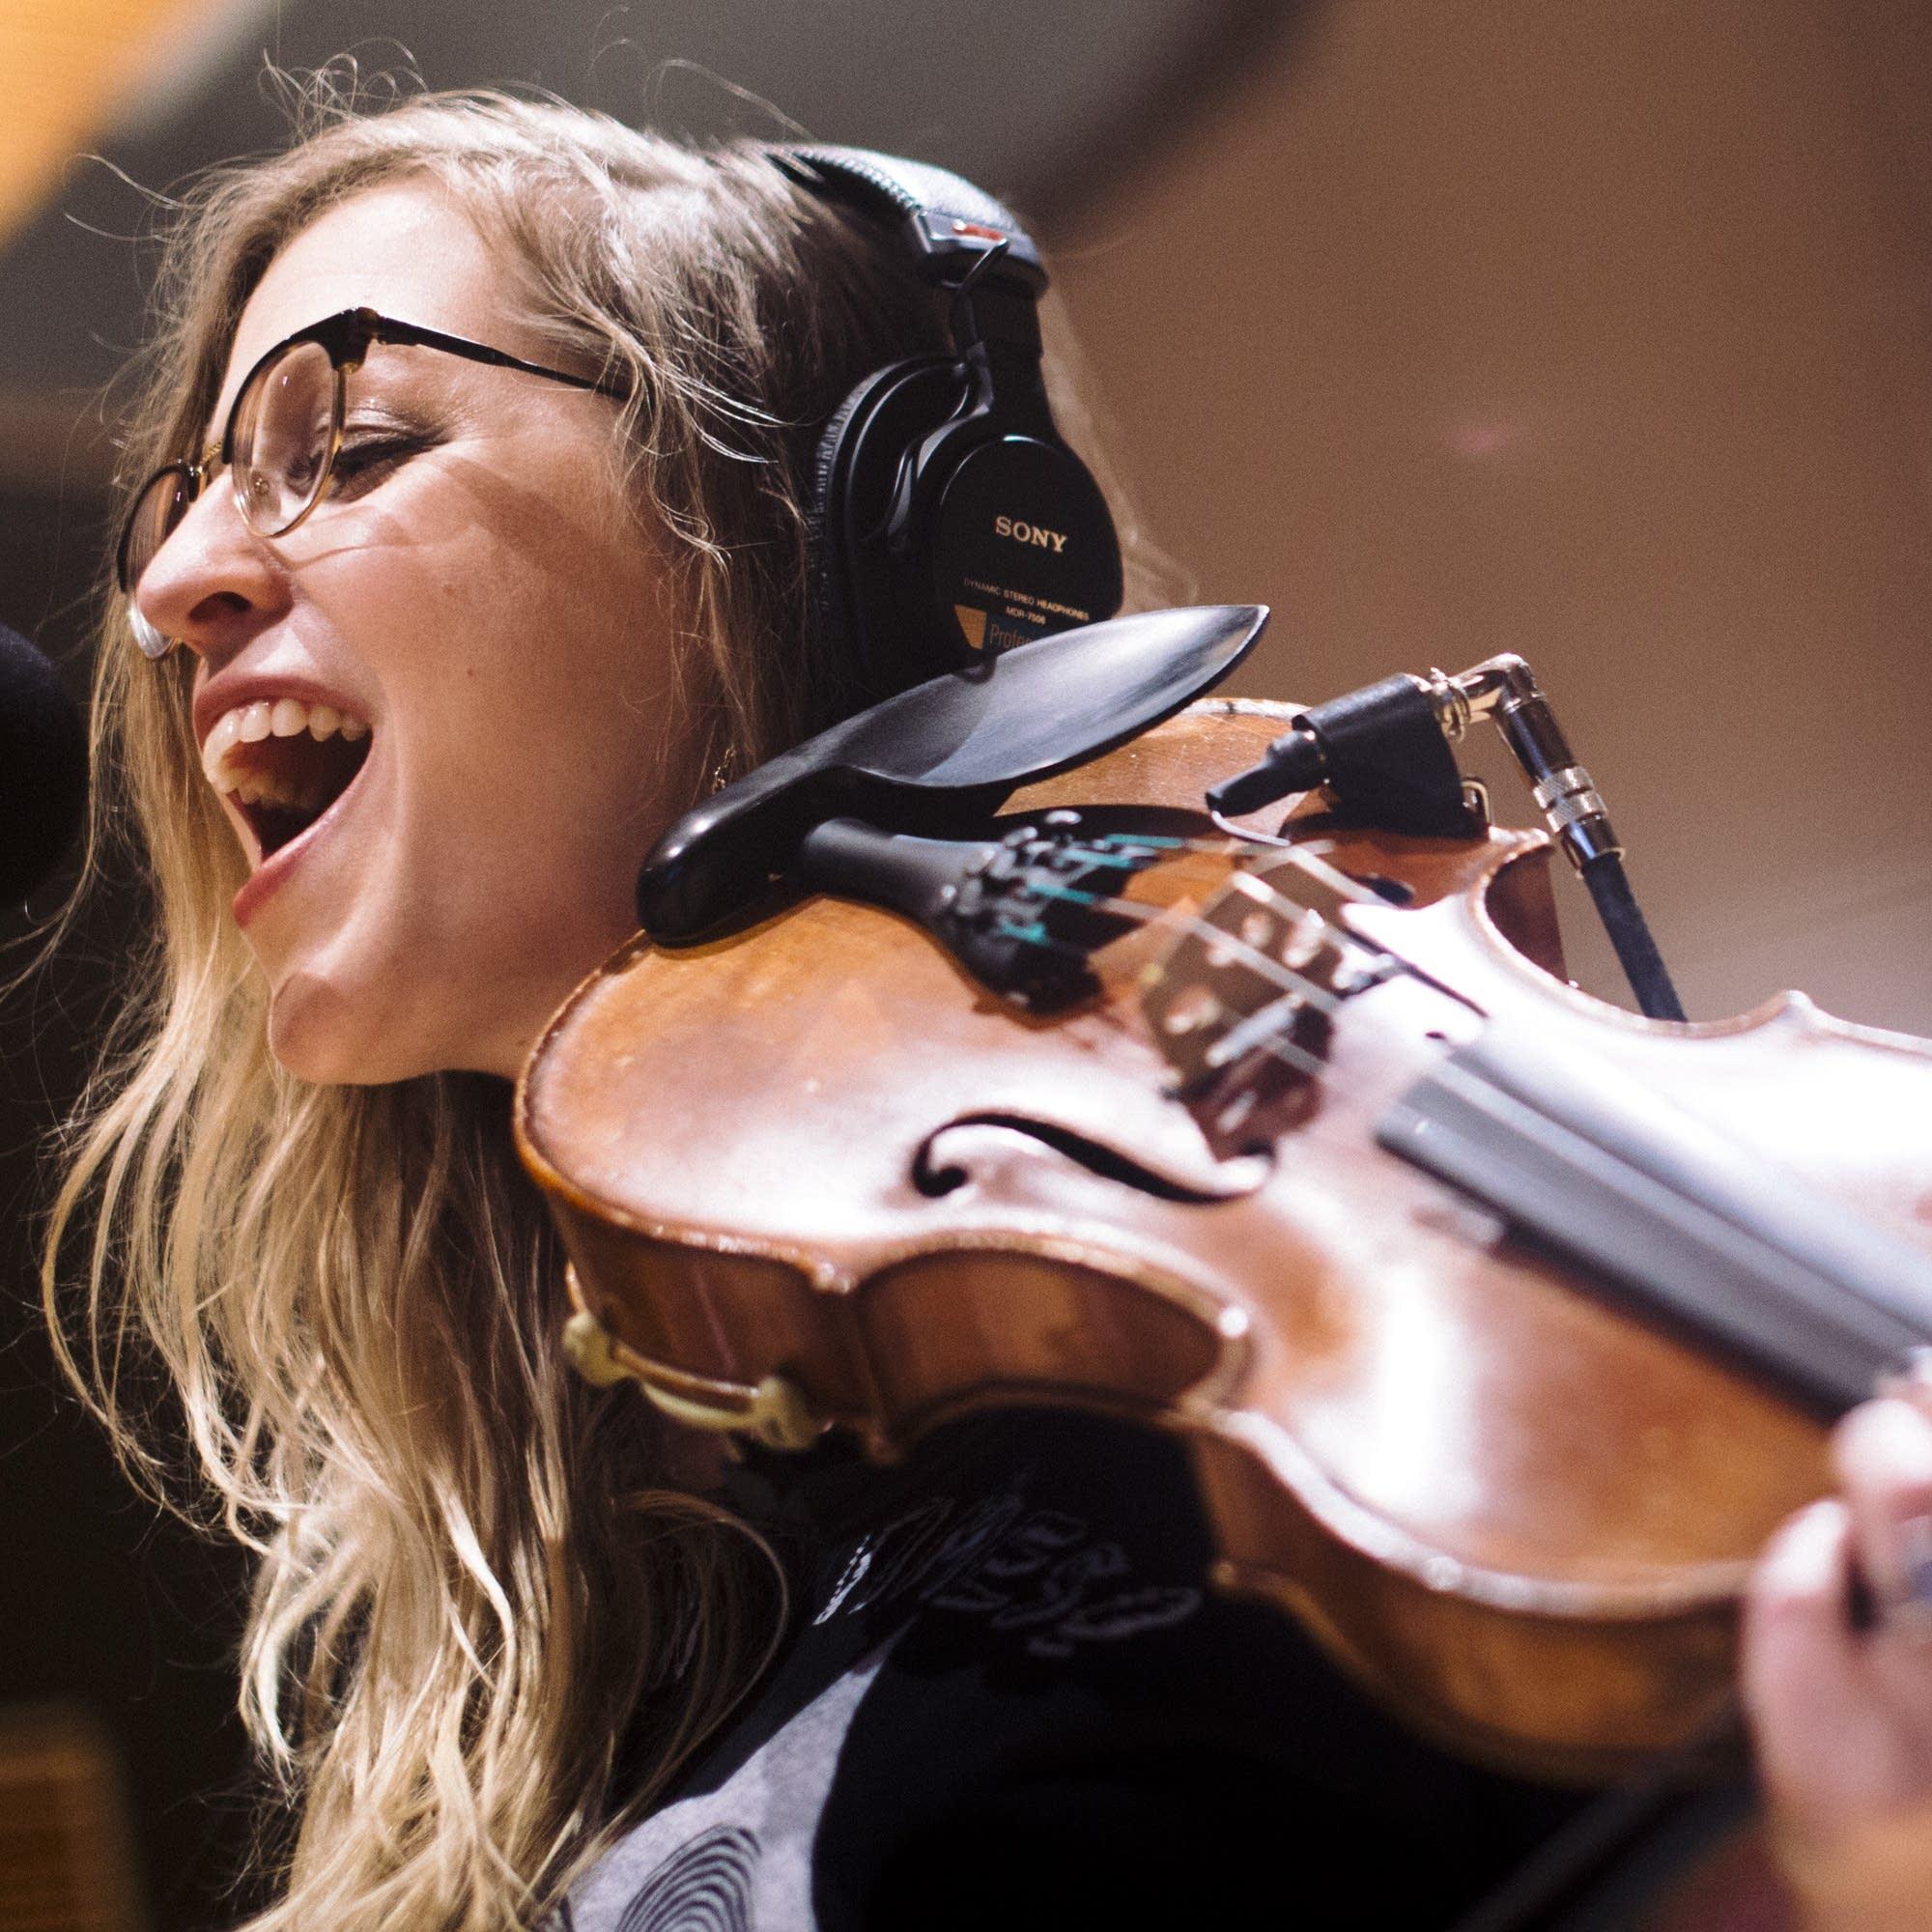 Jillian Rae sings in Studio M